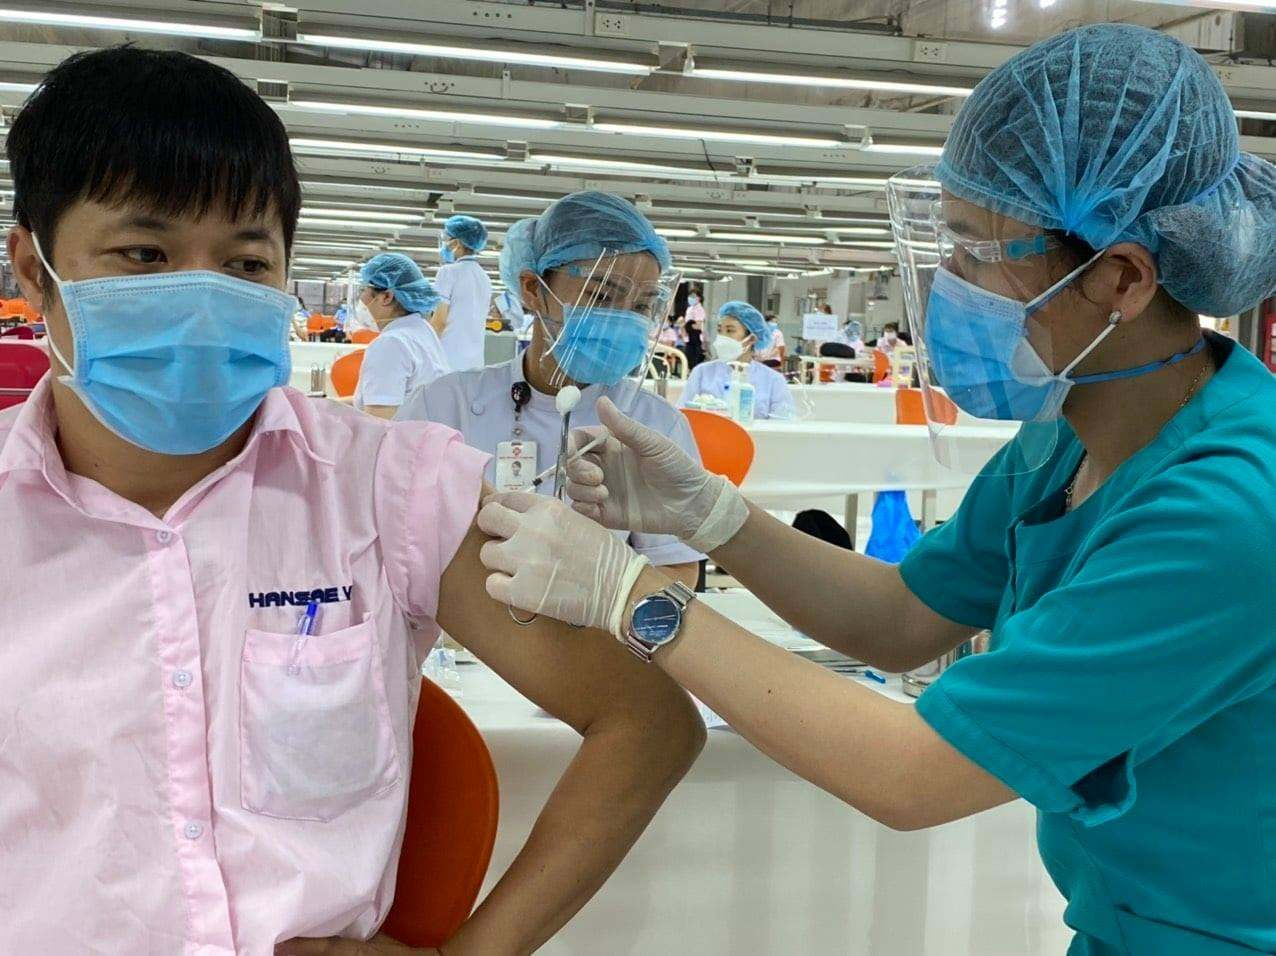 Tiêm vắc xin Covid-19 có phải kiêng 'chuyện ấy' không?